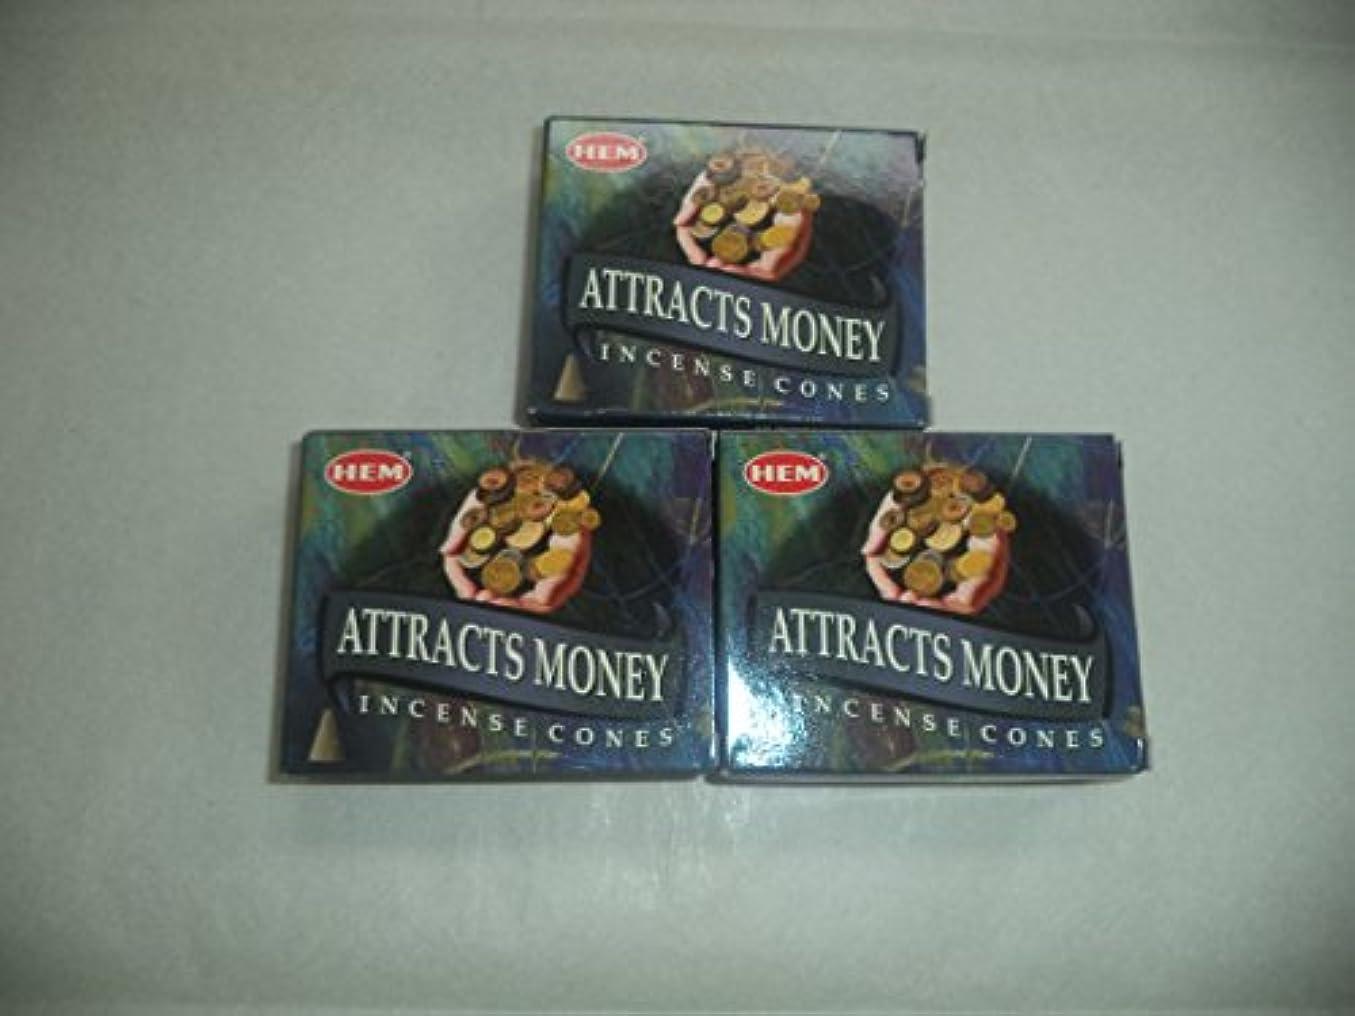 もジョージバーナード請願者Hem Attracts Money Incense Cones、3パックの10 Cones = 30 Cones